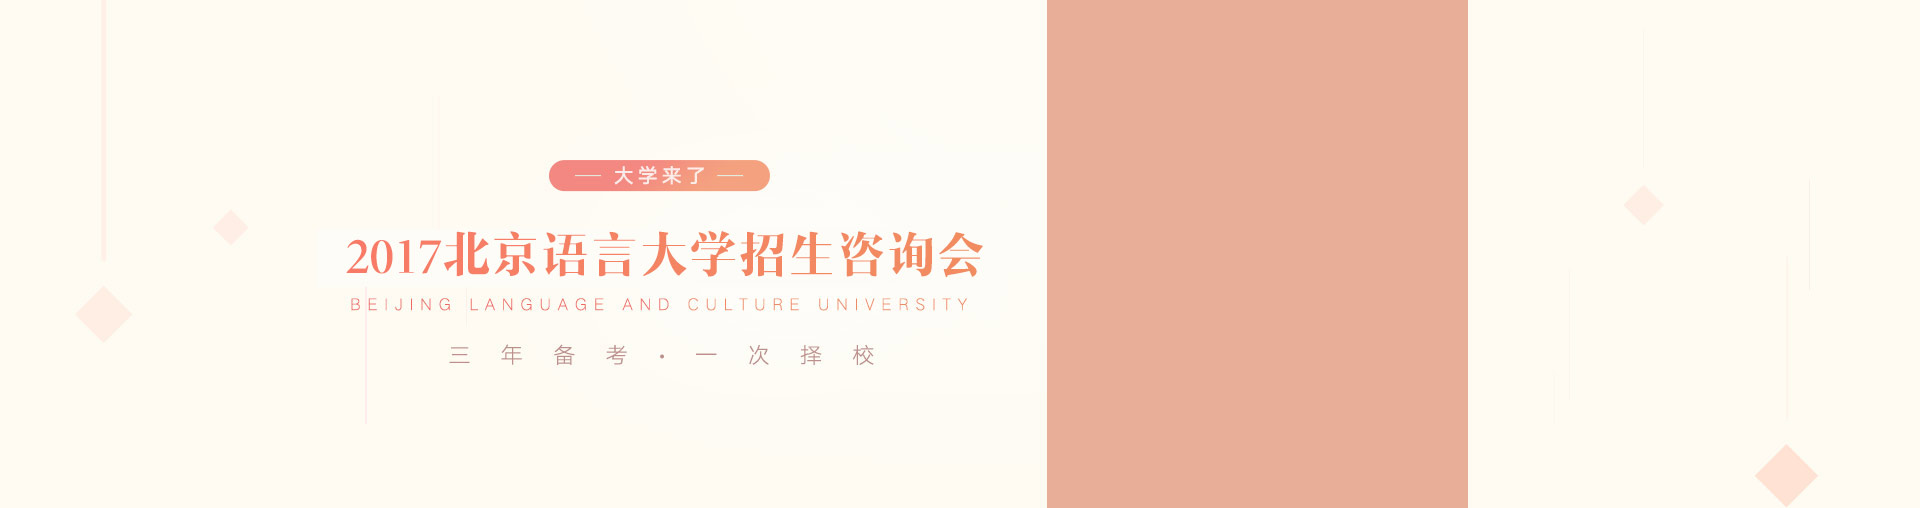 北京语言大学2017招生咨询会